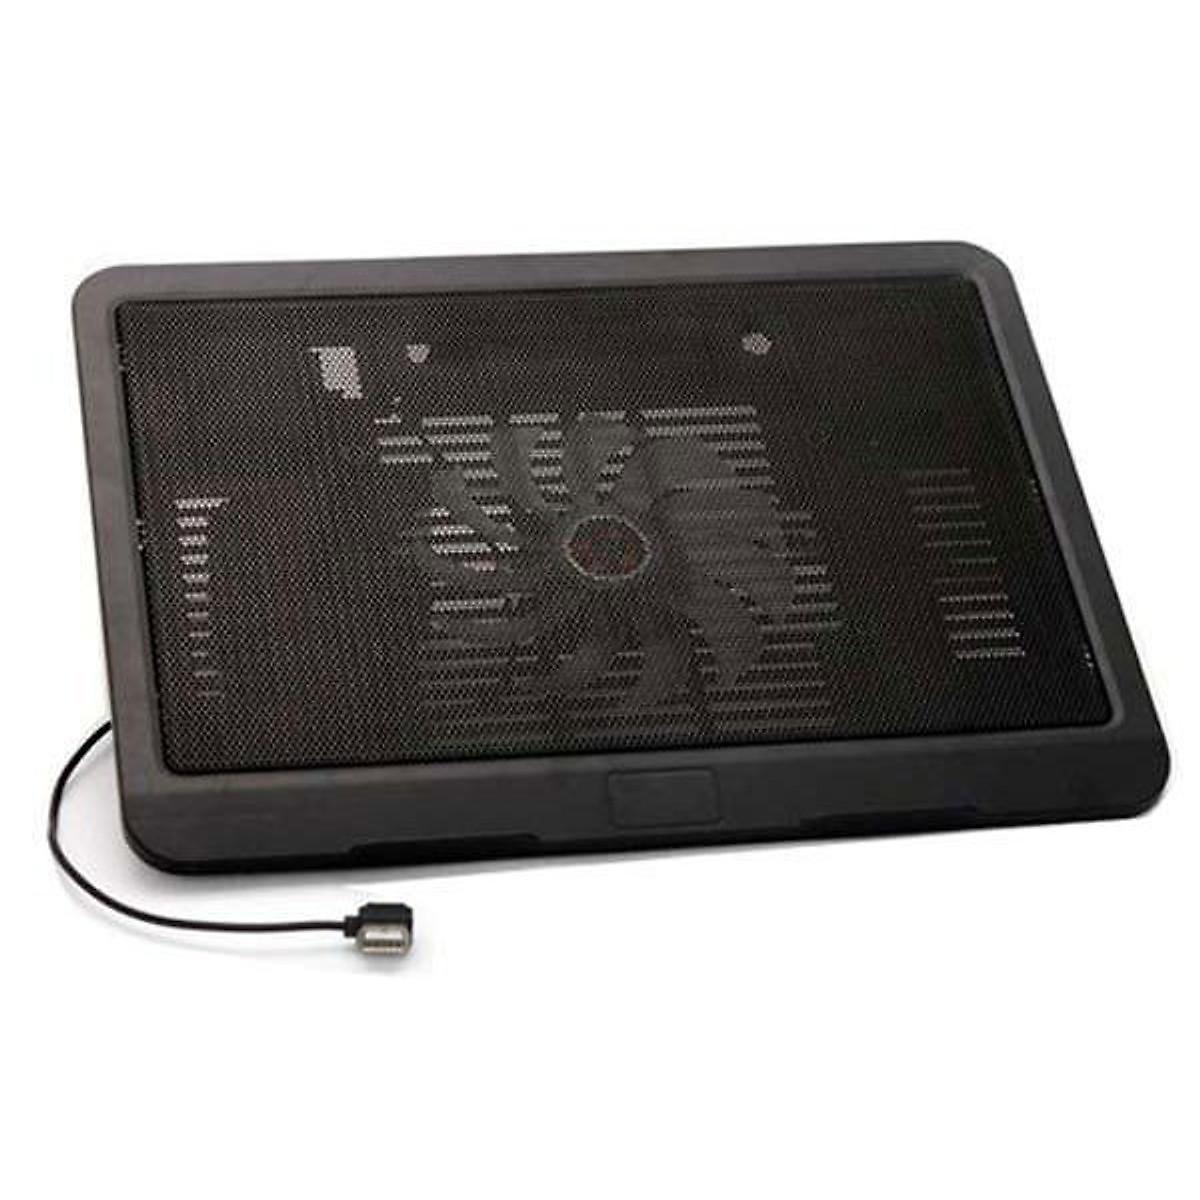 Đế Tản Nhiệt Laptop N191 (Tặng kèm củ nguồn 5v cắm điện ngoài)